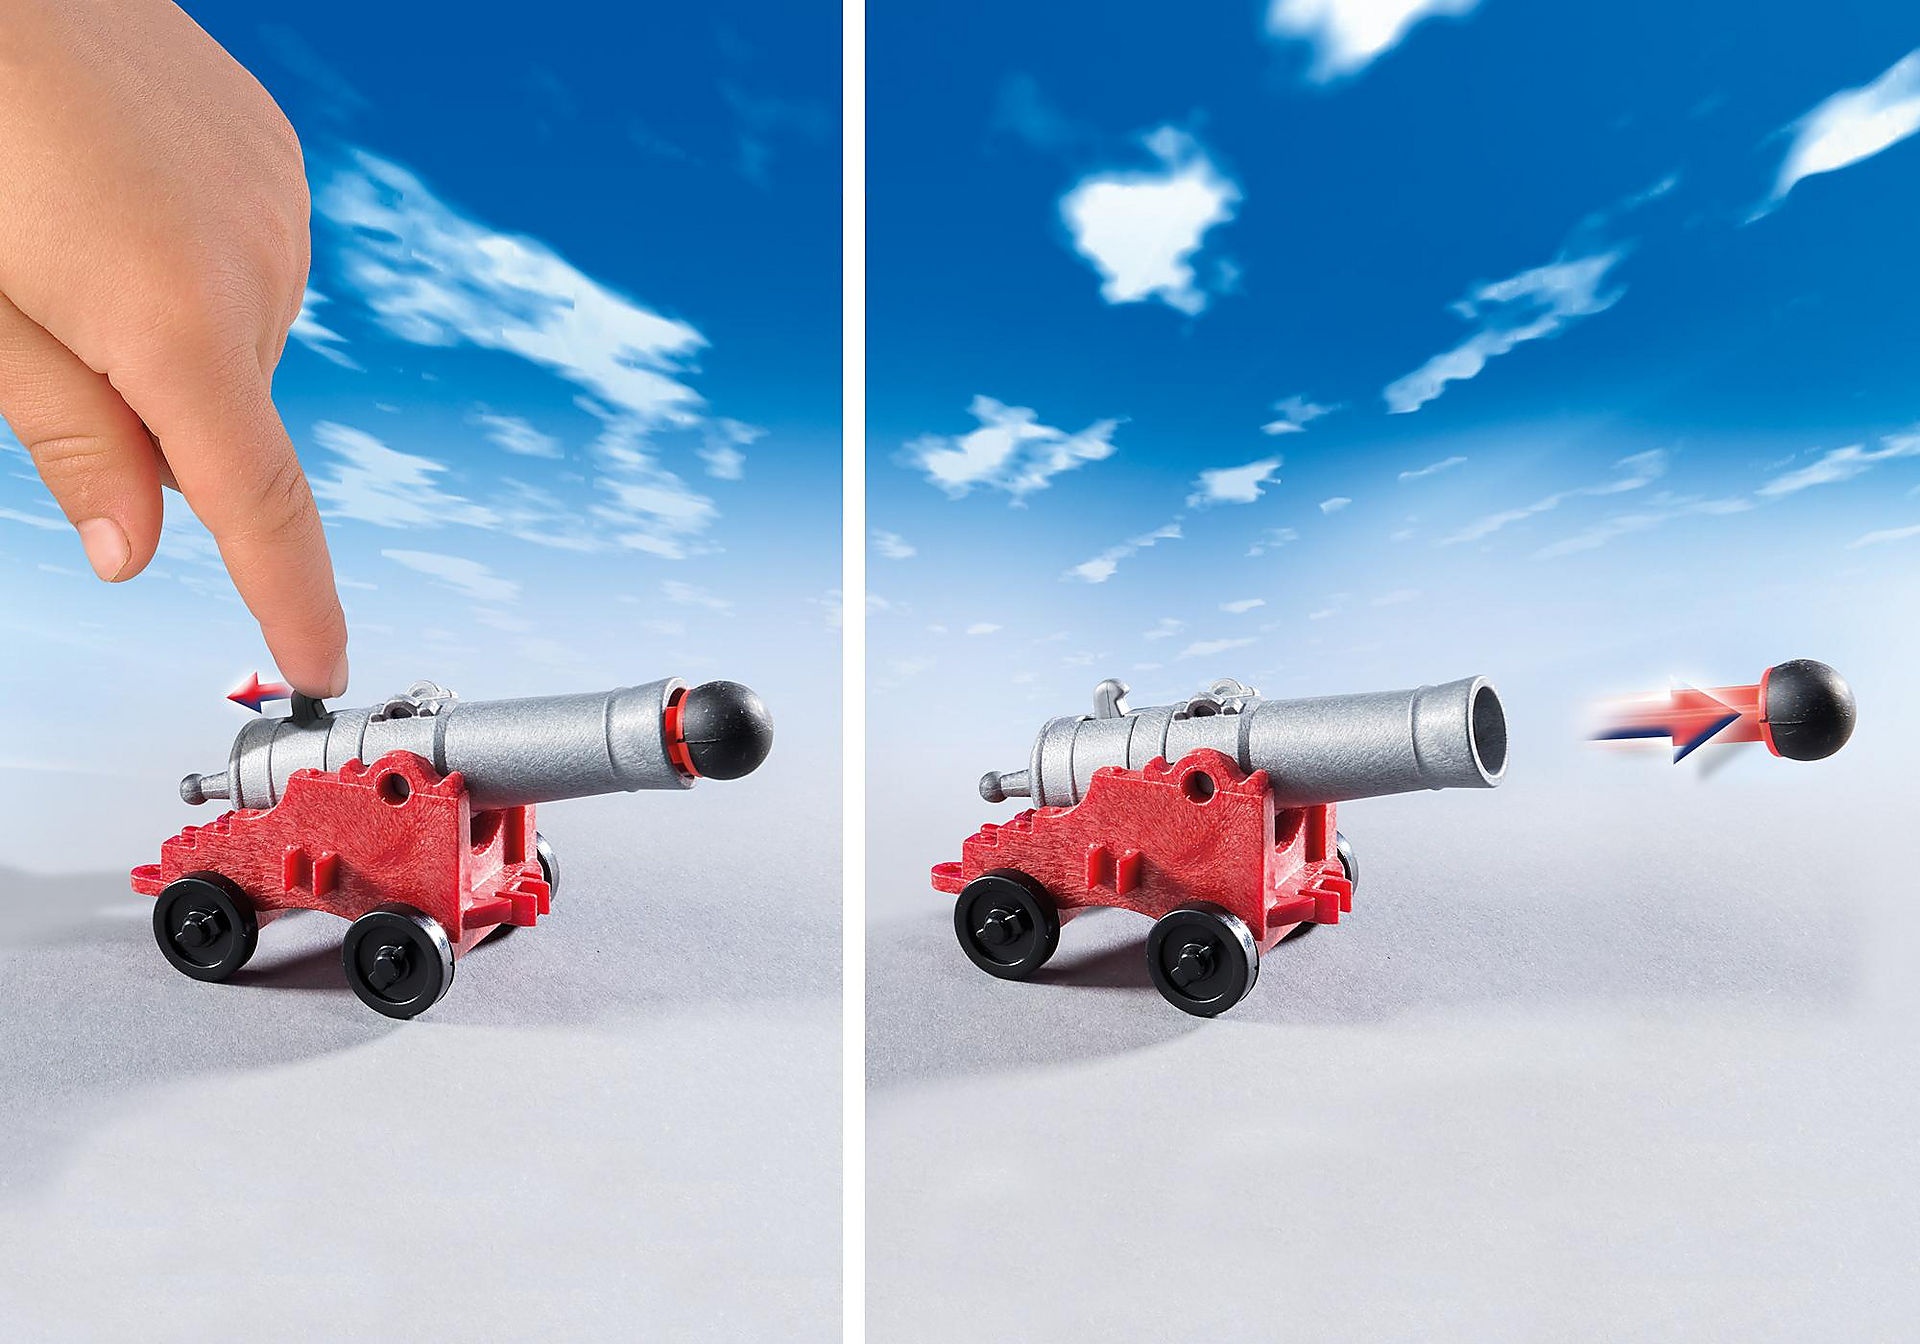 http://media.playmobil.com/i/playmobil/6678_product_extra4/Πειρατική φρεγάτα